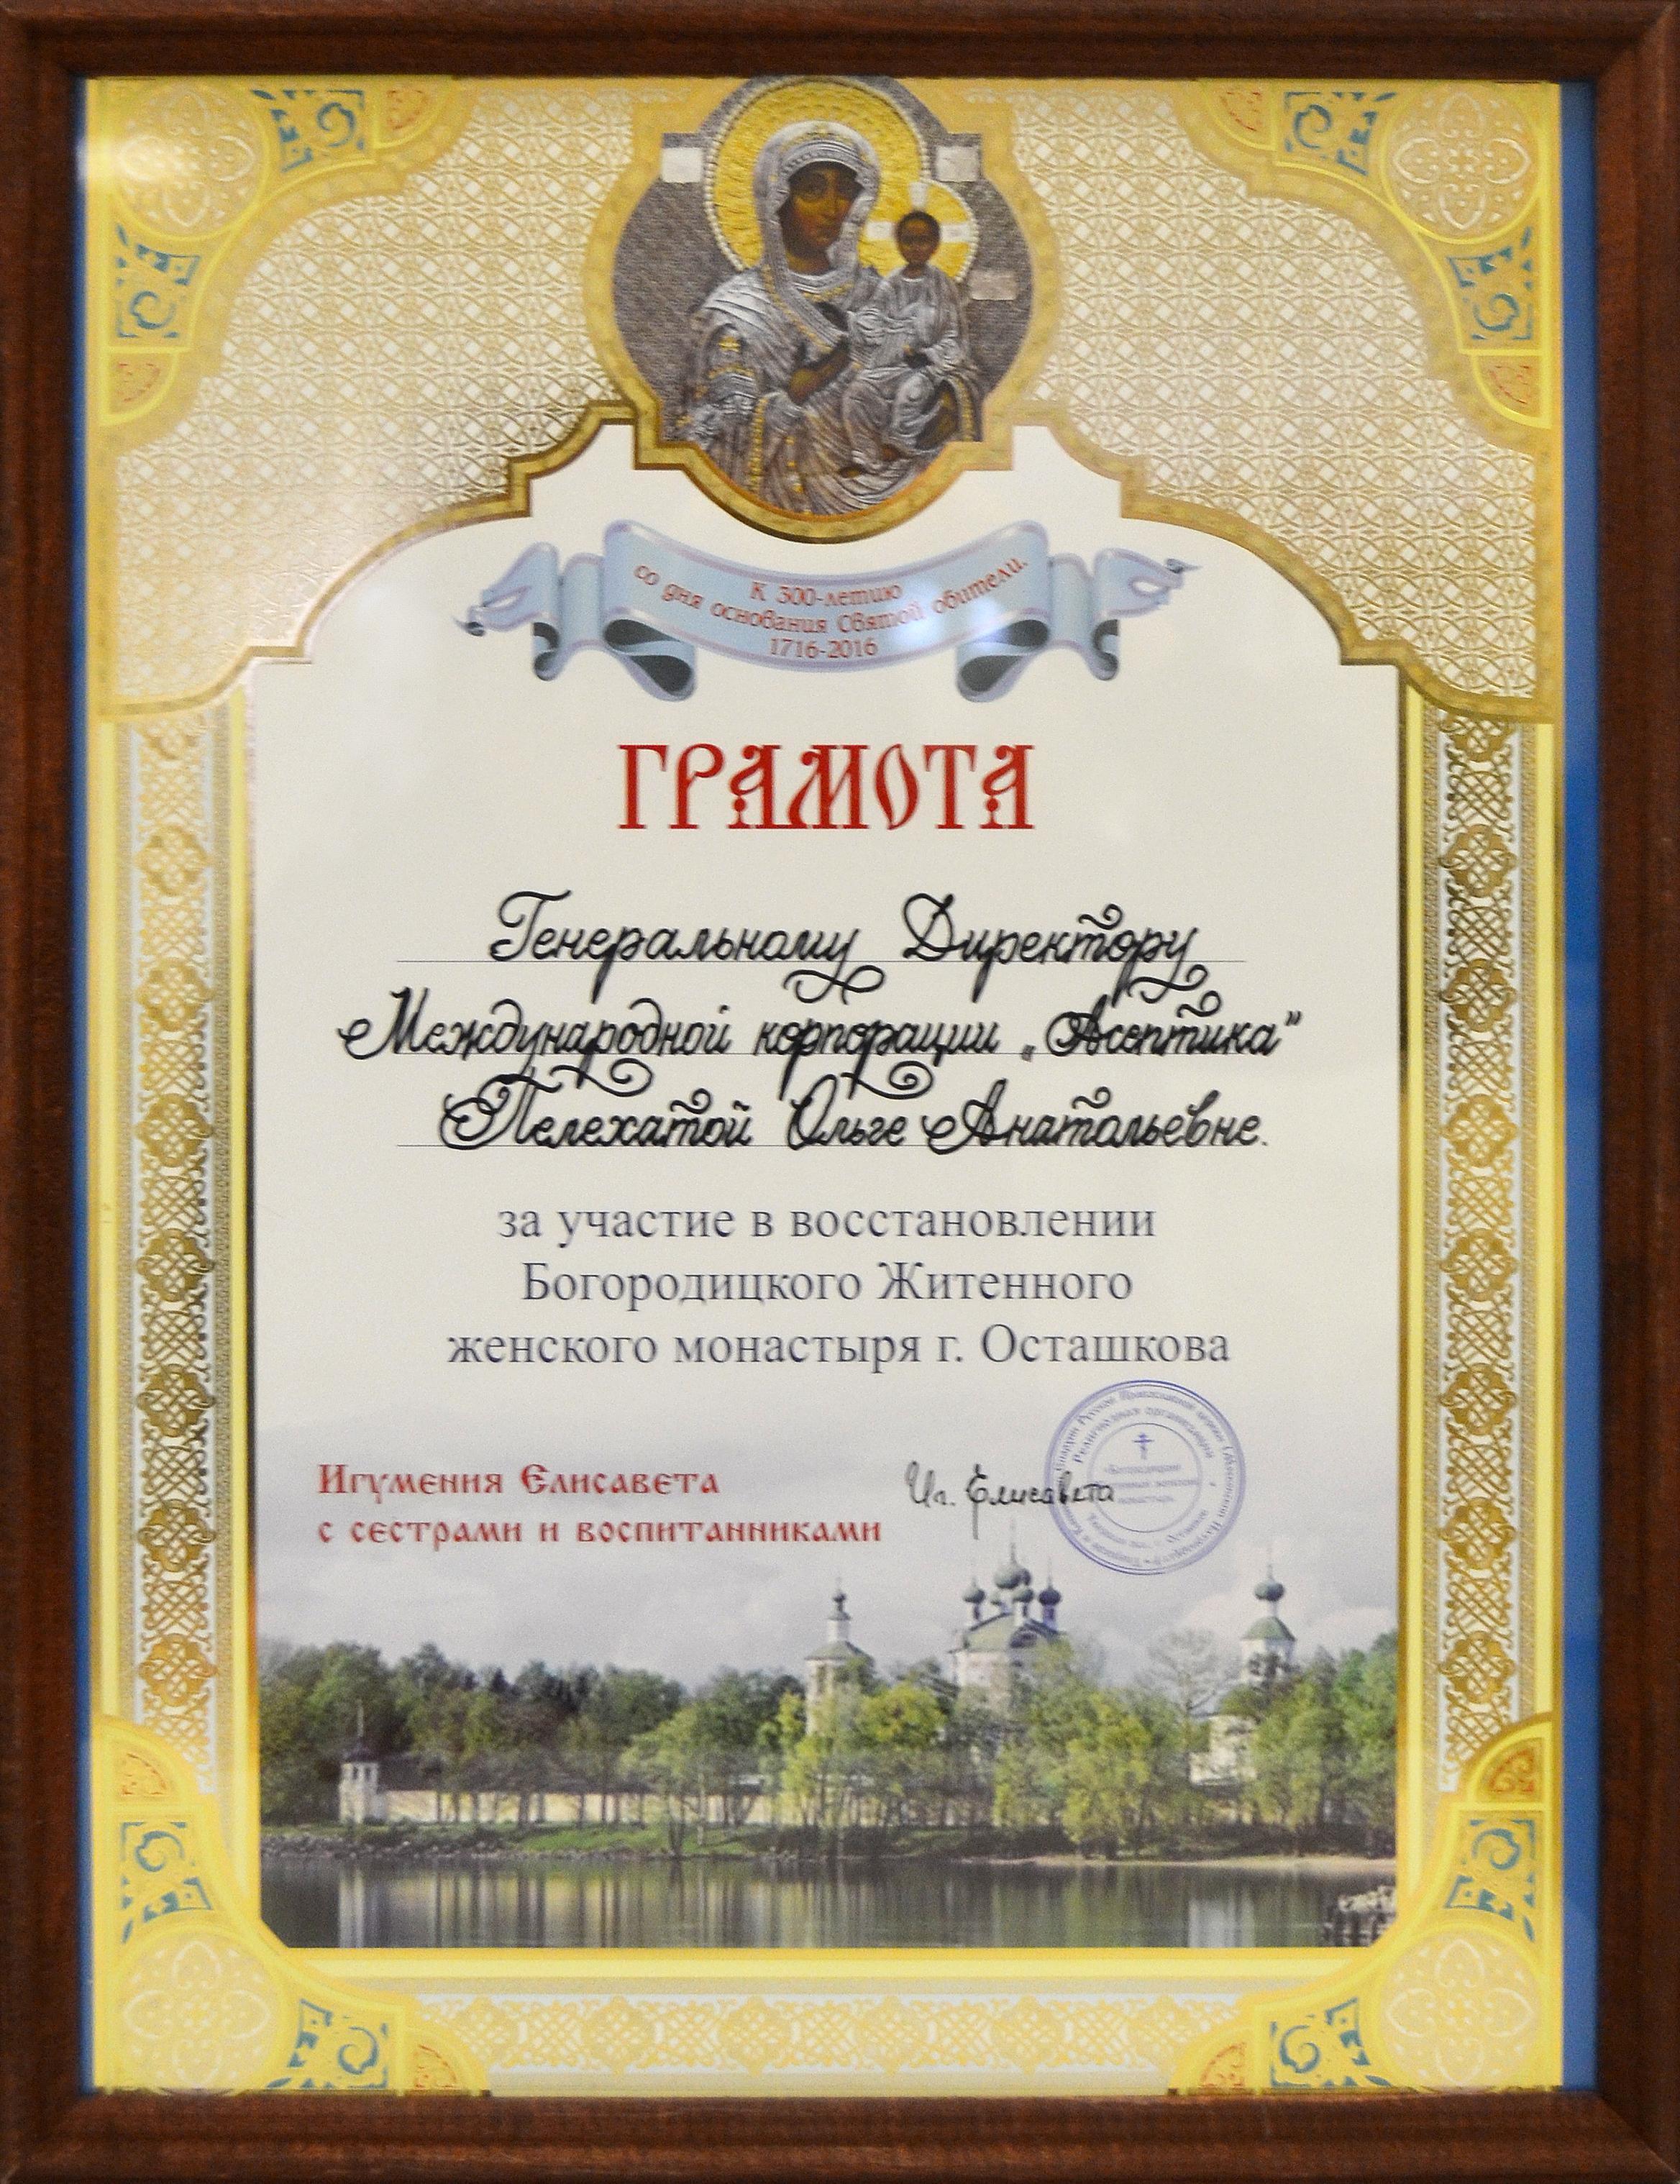 Грамота за участие в восстановлении Богородицкого Житенного женского монастыря г. Осташкова